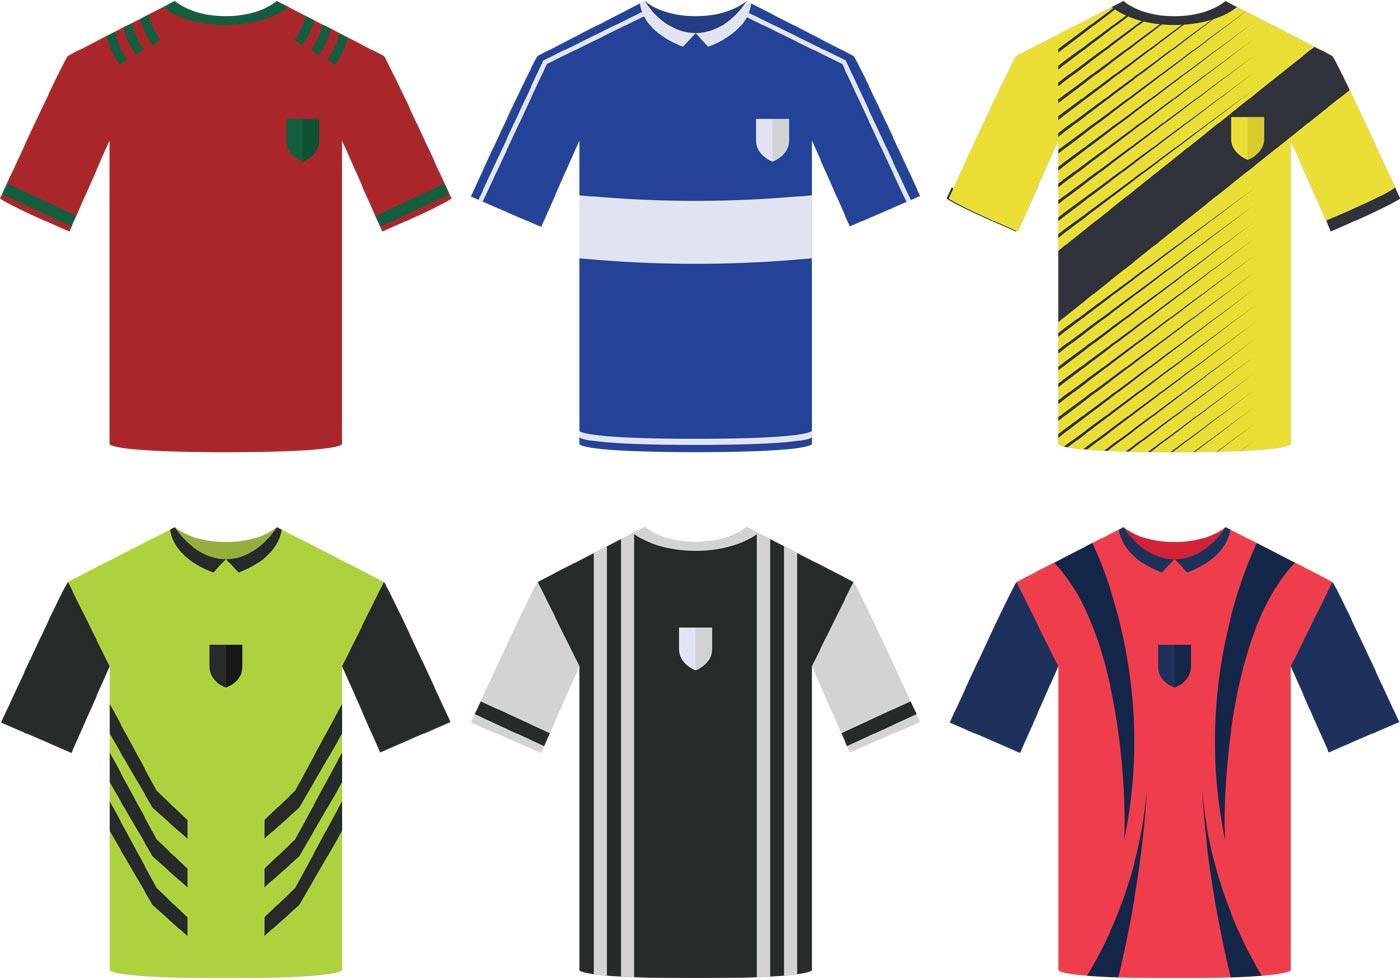 soccer jersey template joy studio design gallery best design. Black Bedroom Furniture Sets. Home Design Ideas